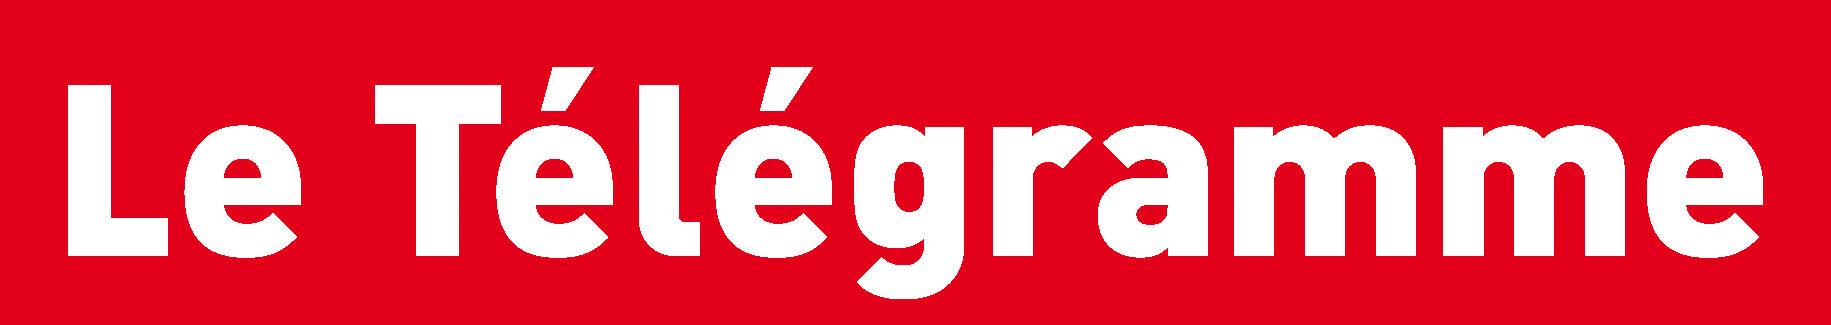 Le logo graphique du Télégramme.